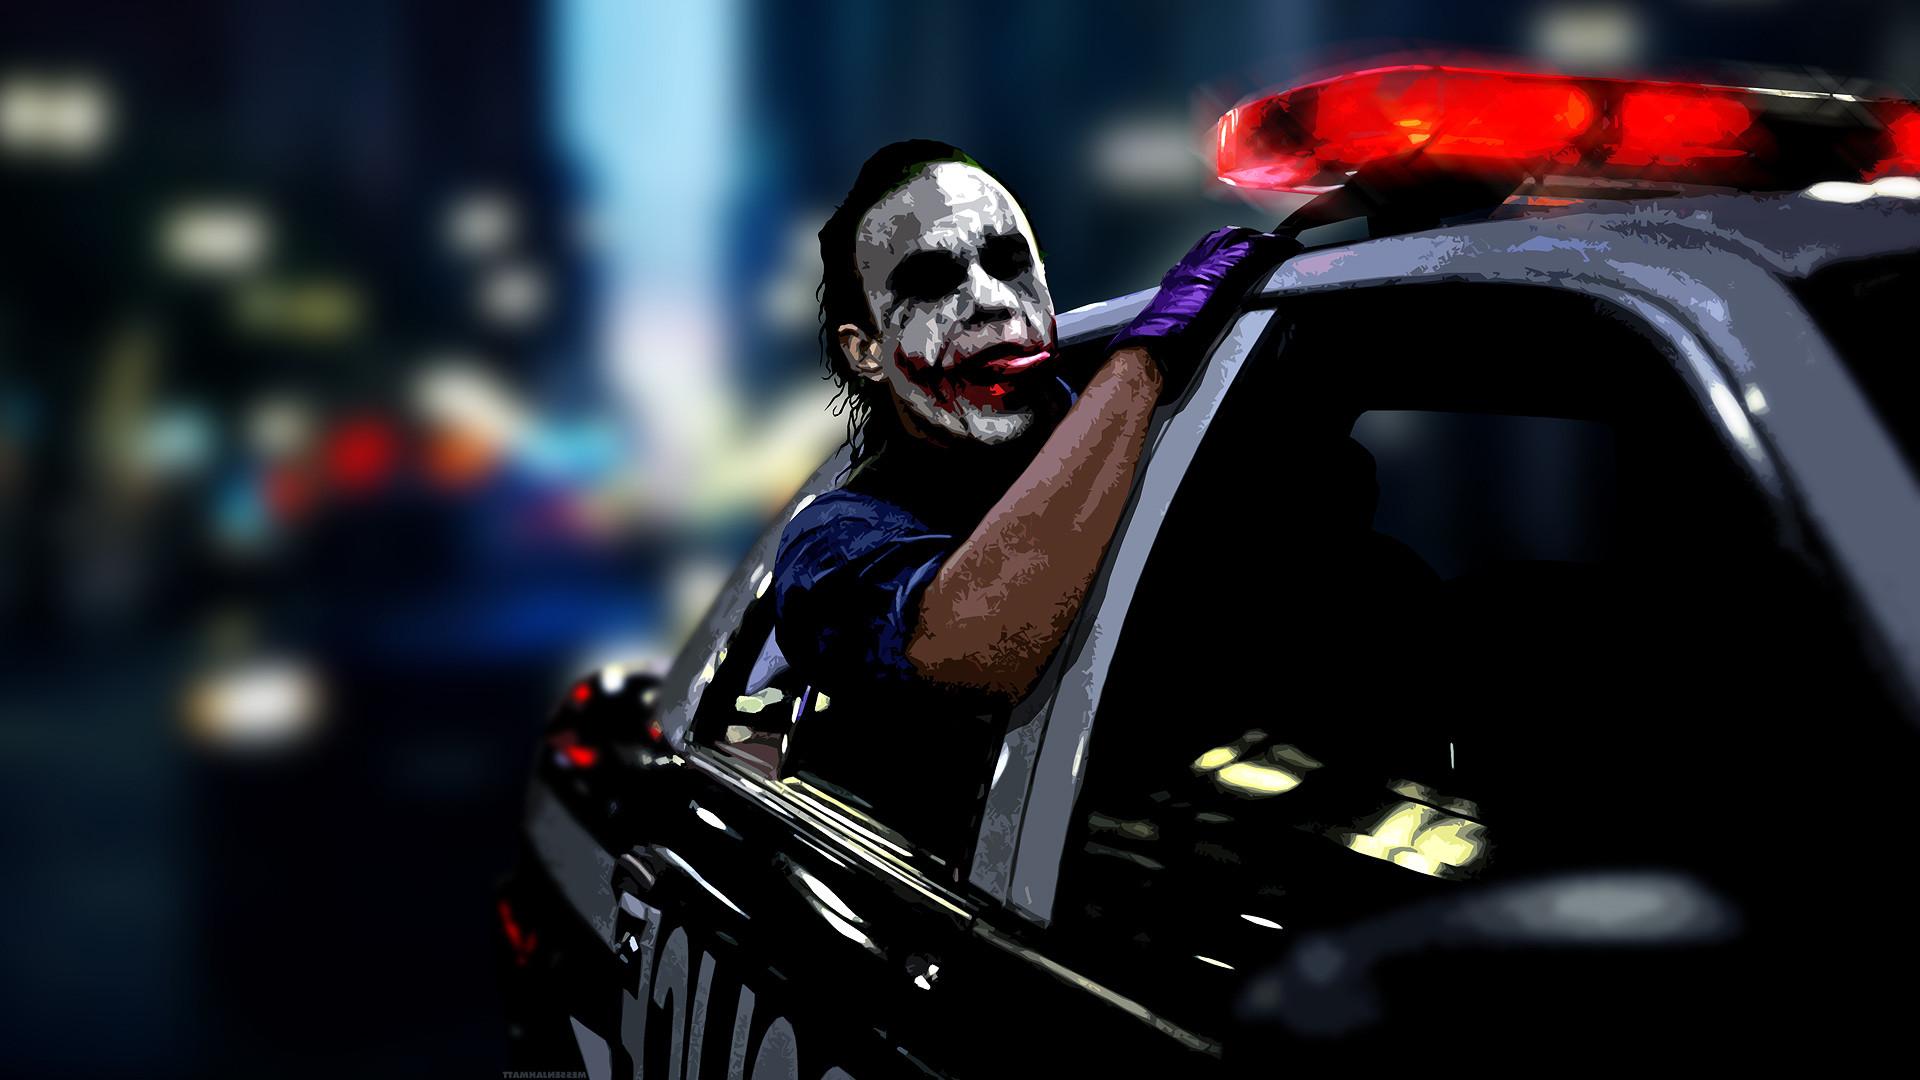 HD iPhone Joker Wallpaper | WallpaperSafari